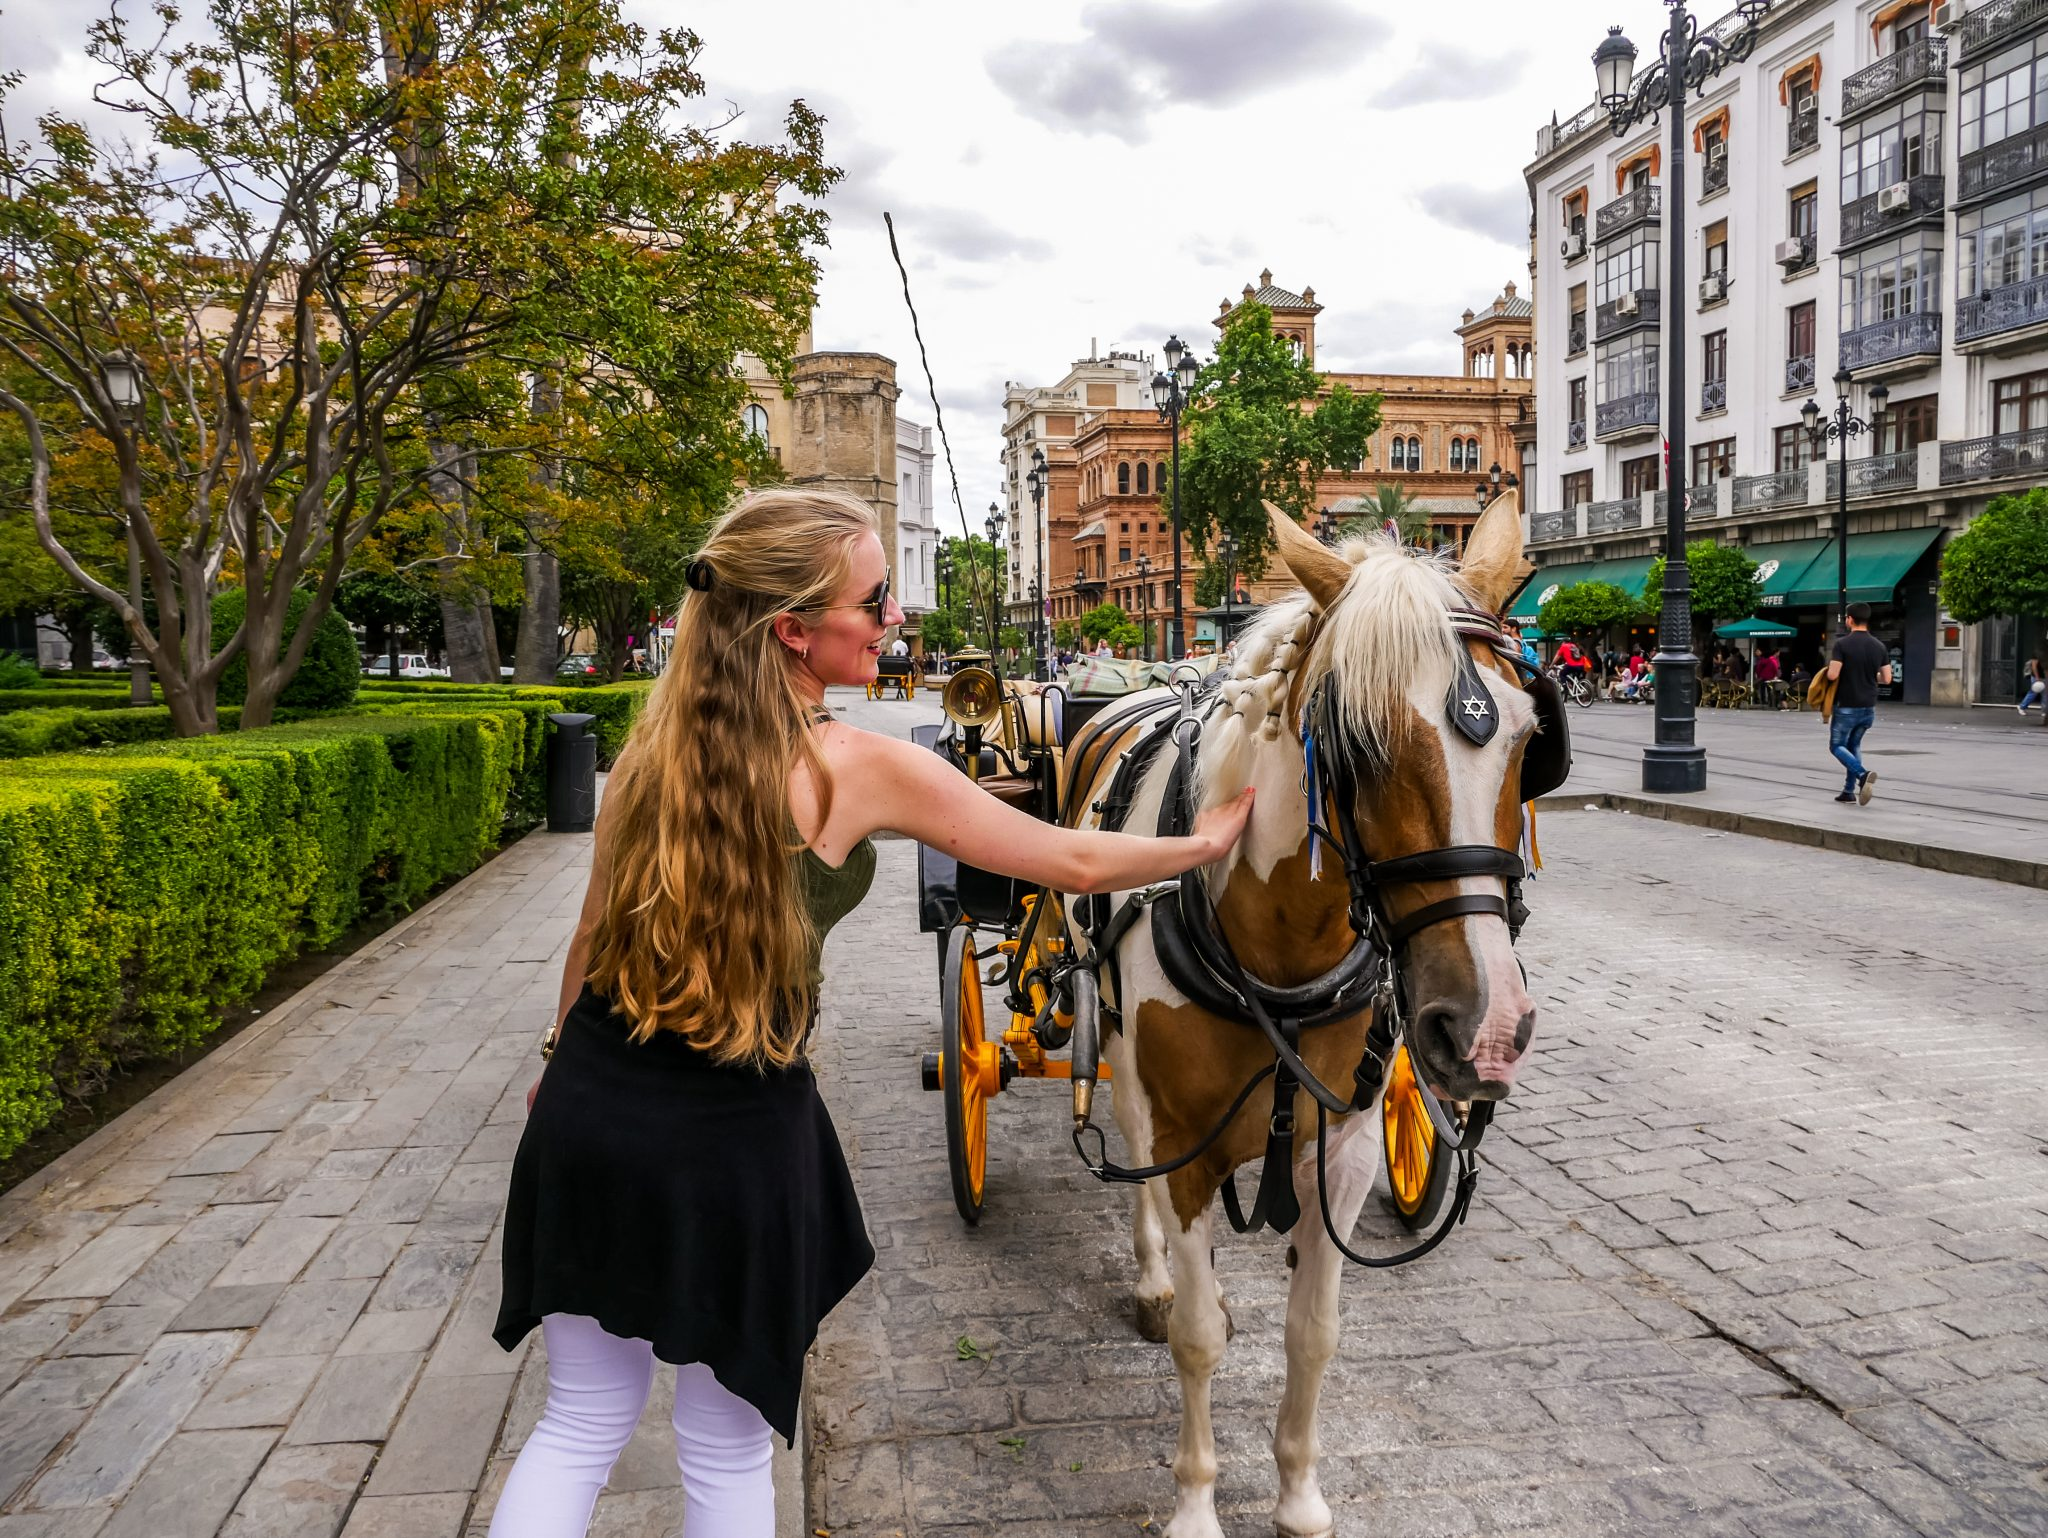 Überall in der Stadt kannst du Kutschen und Pferde finden.